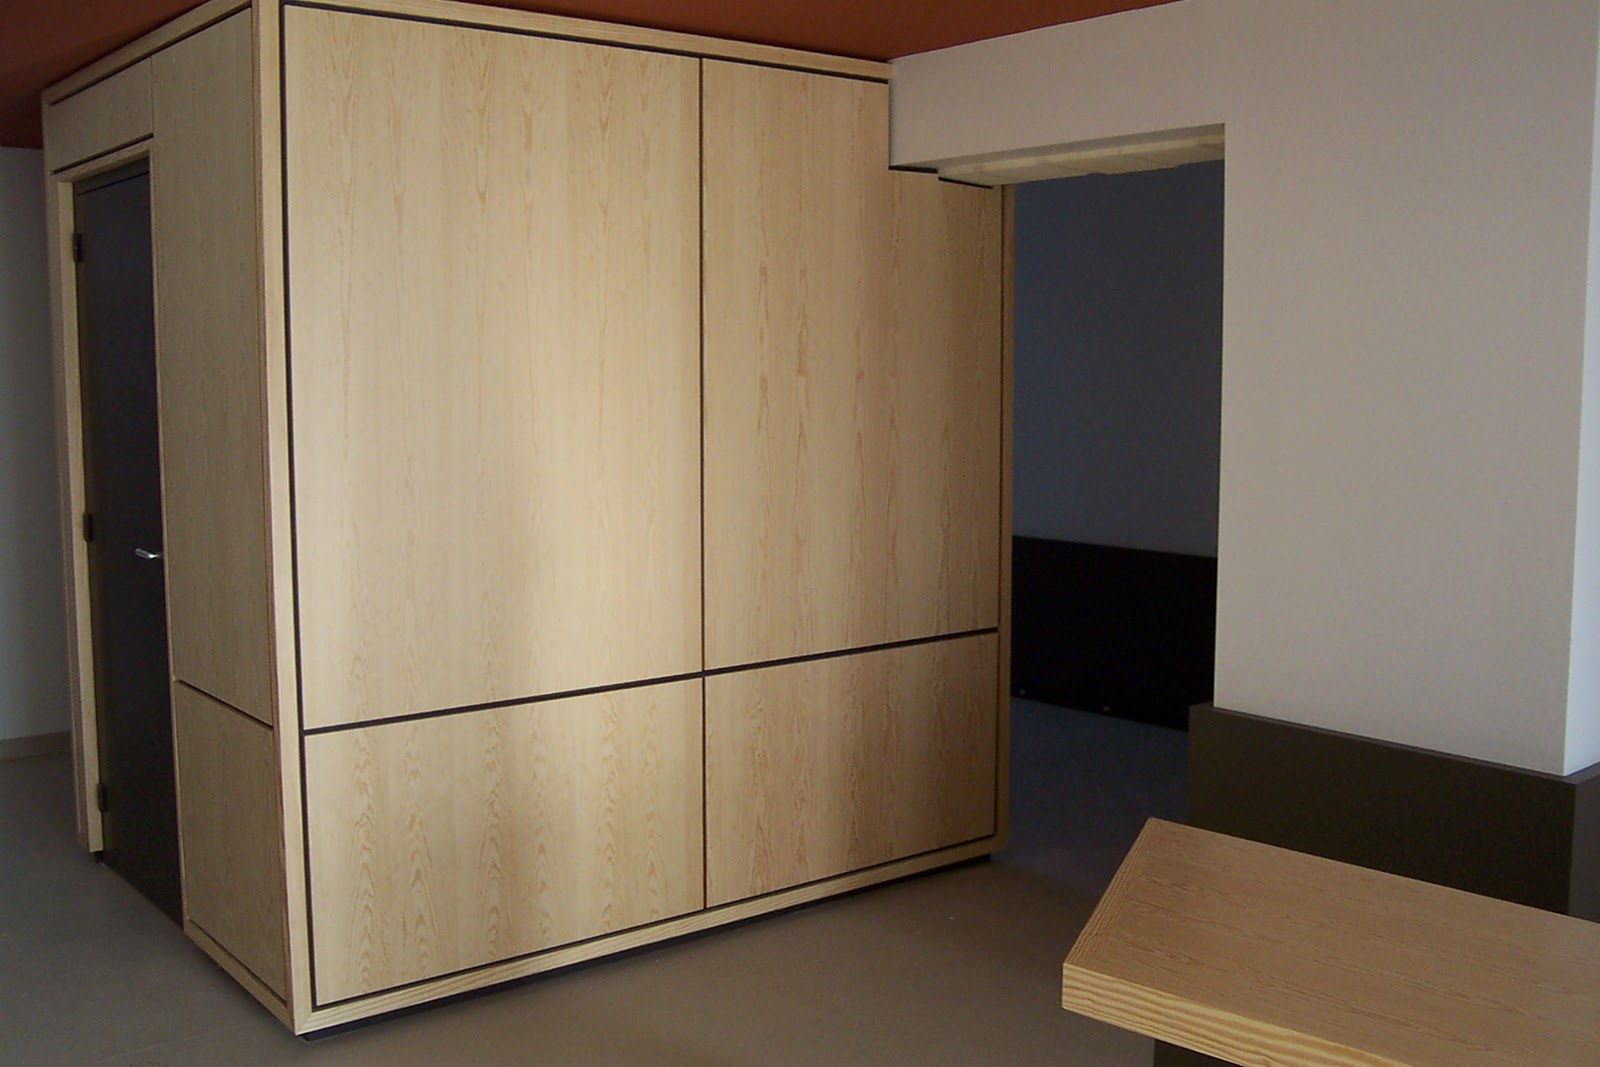 habillage mural bois ancien. Black Bedroom Furniture Sets. Home Design Ideas